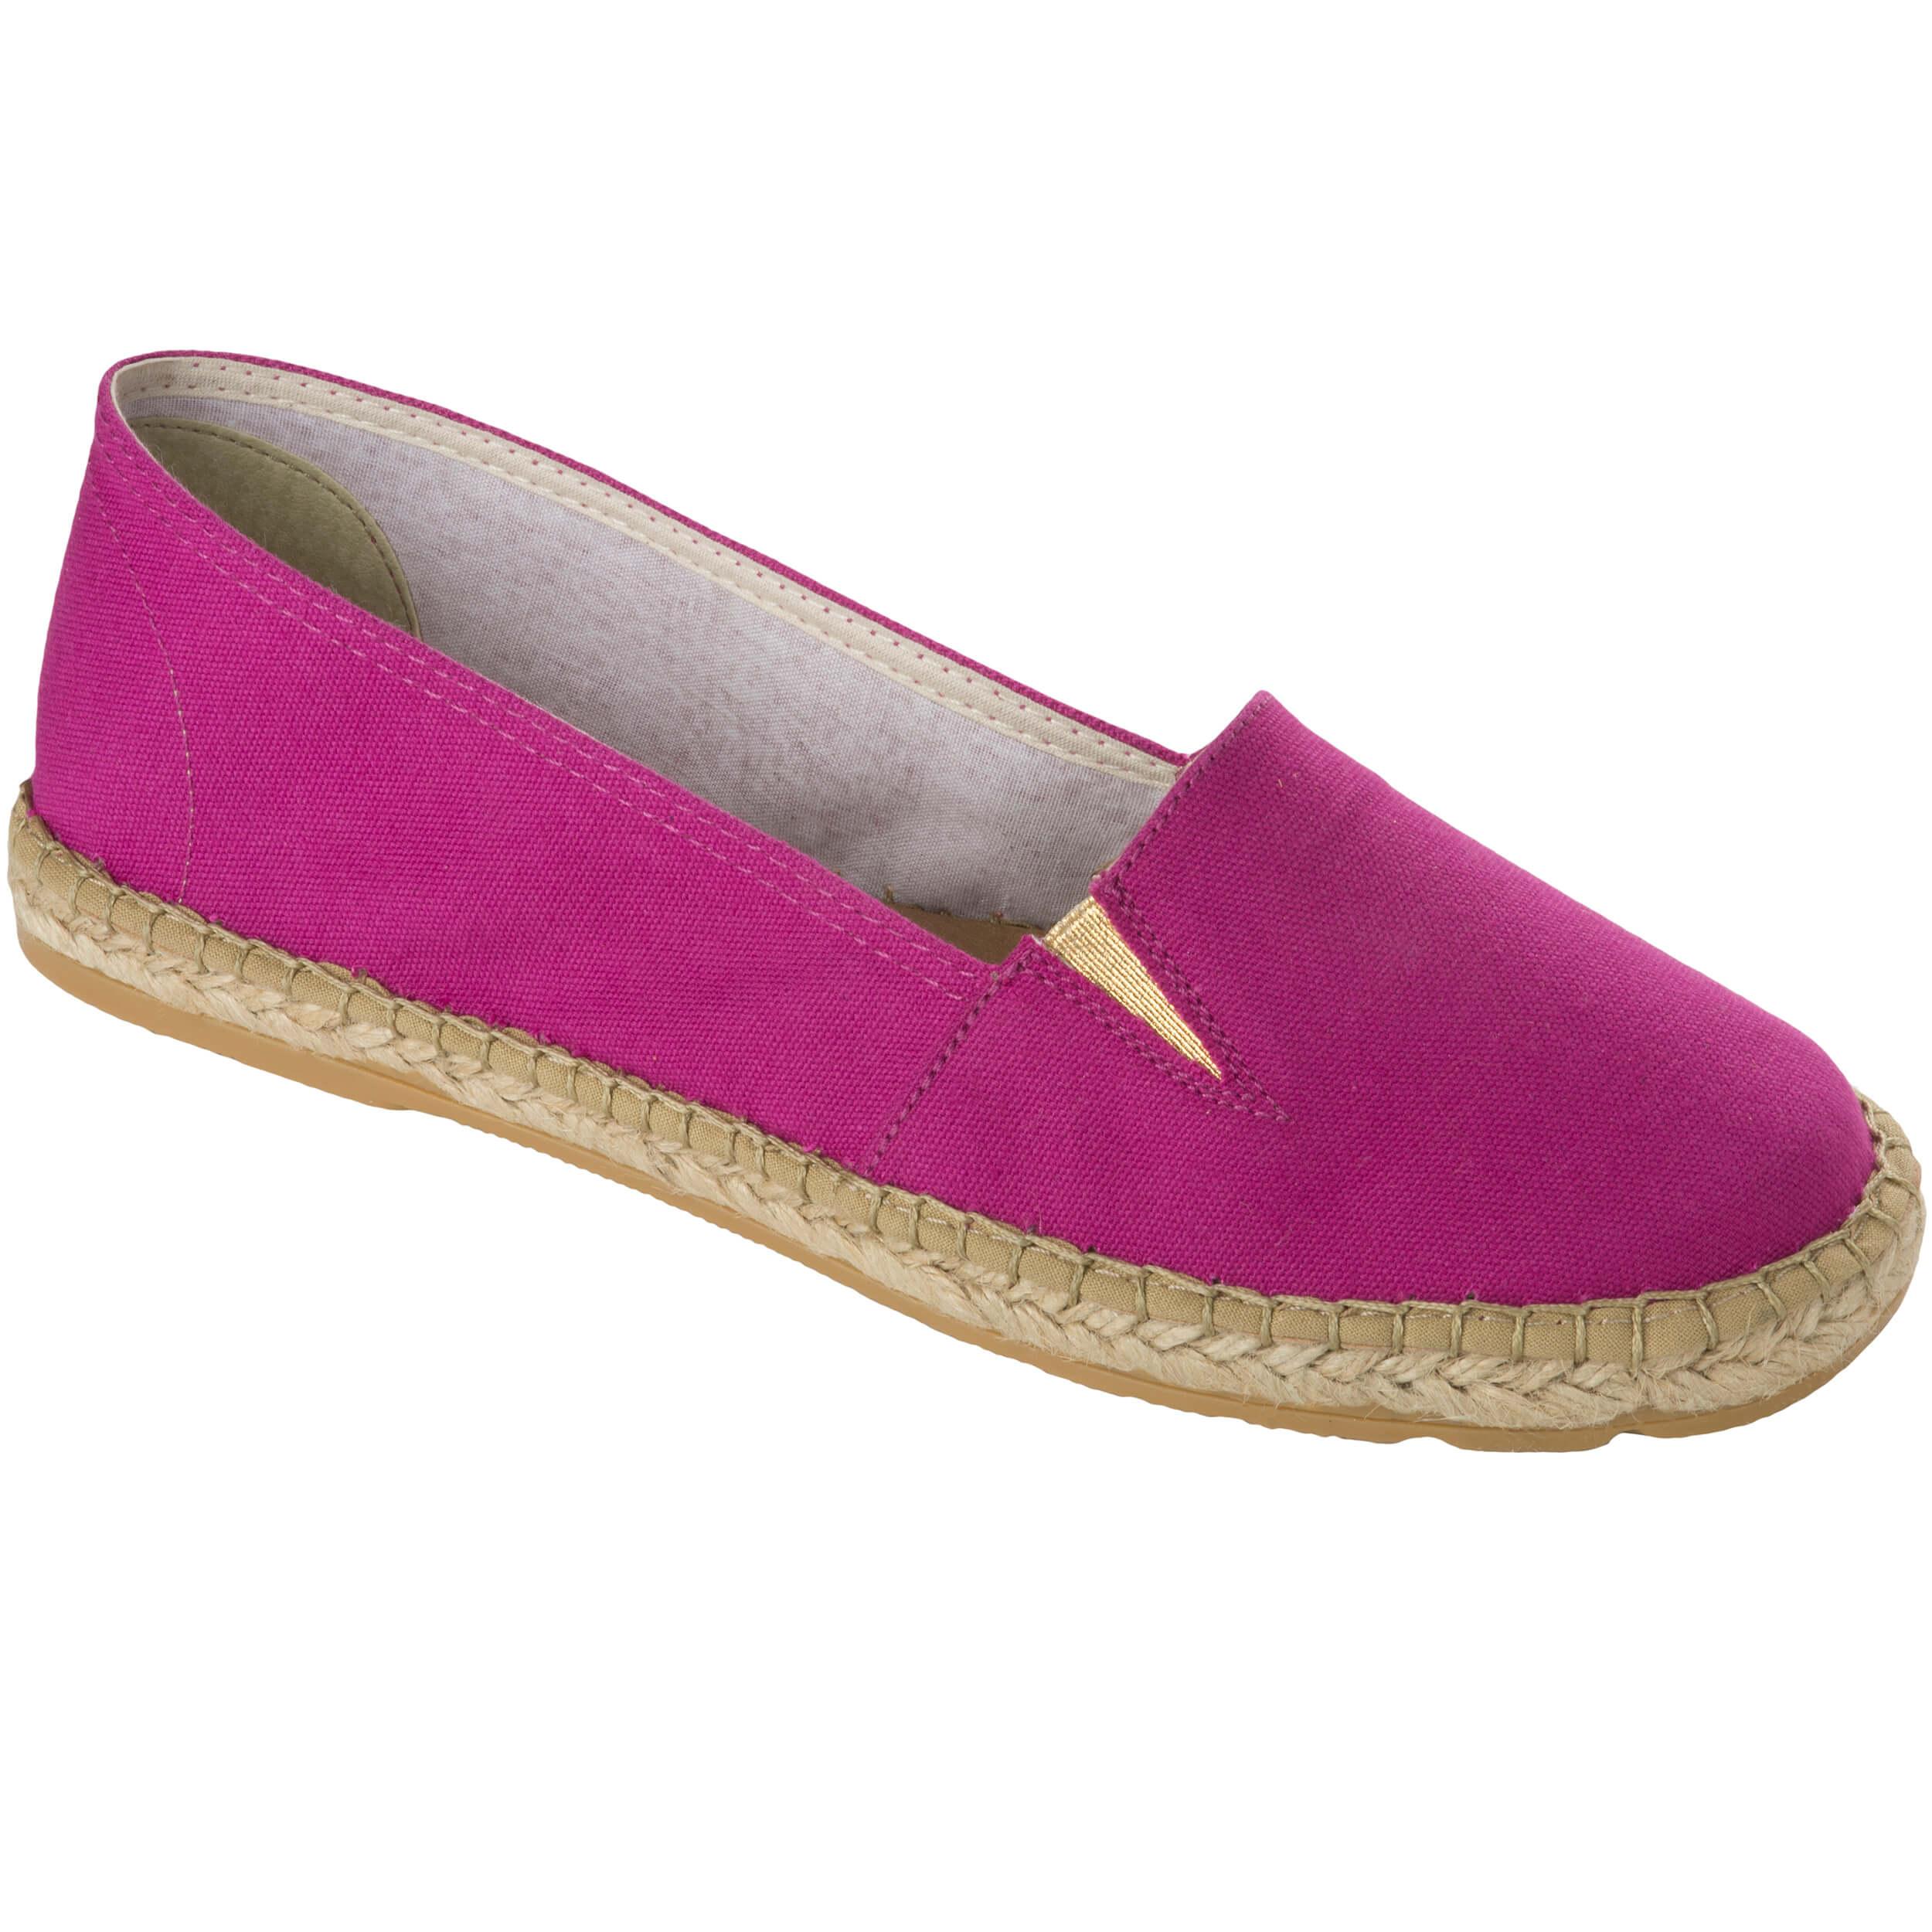 88571800a70 Dr Scholl Shoes Corfu Φούξια Ανατομικά Παπούτσια Τύπου Εσπαντρίγια  Χαρίζουν, Σωστή Στάση & Φυσικό,